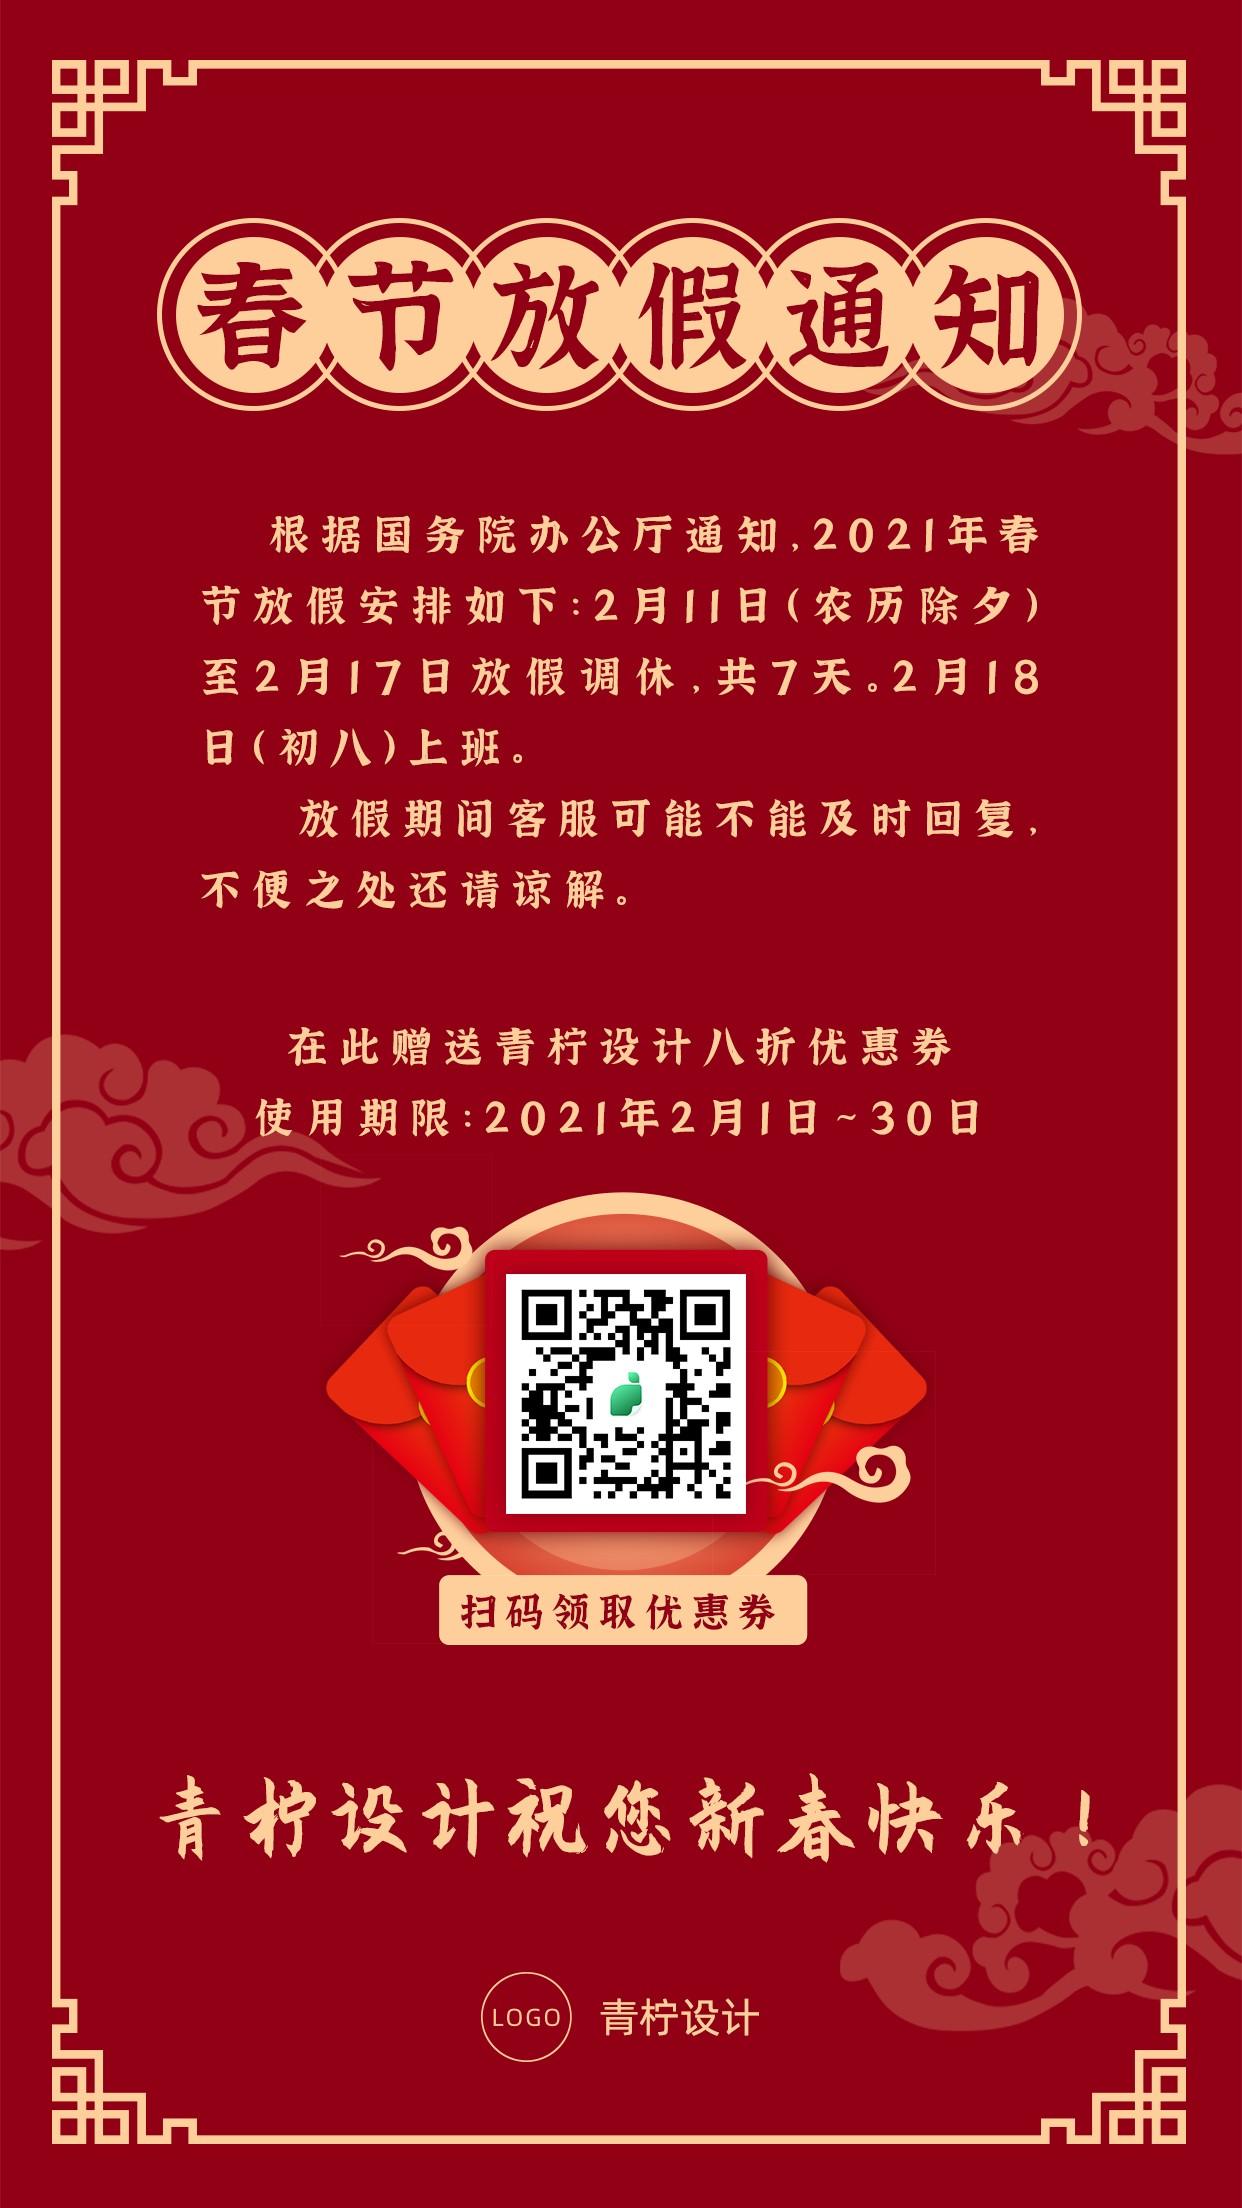 喜庆春节通知公告